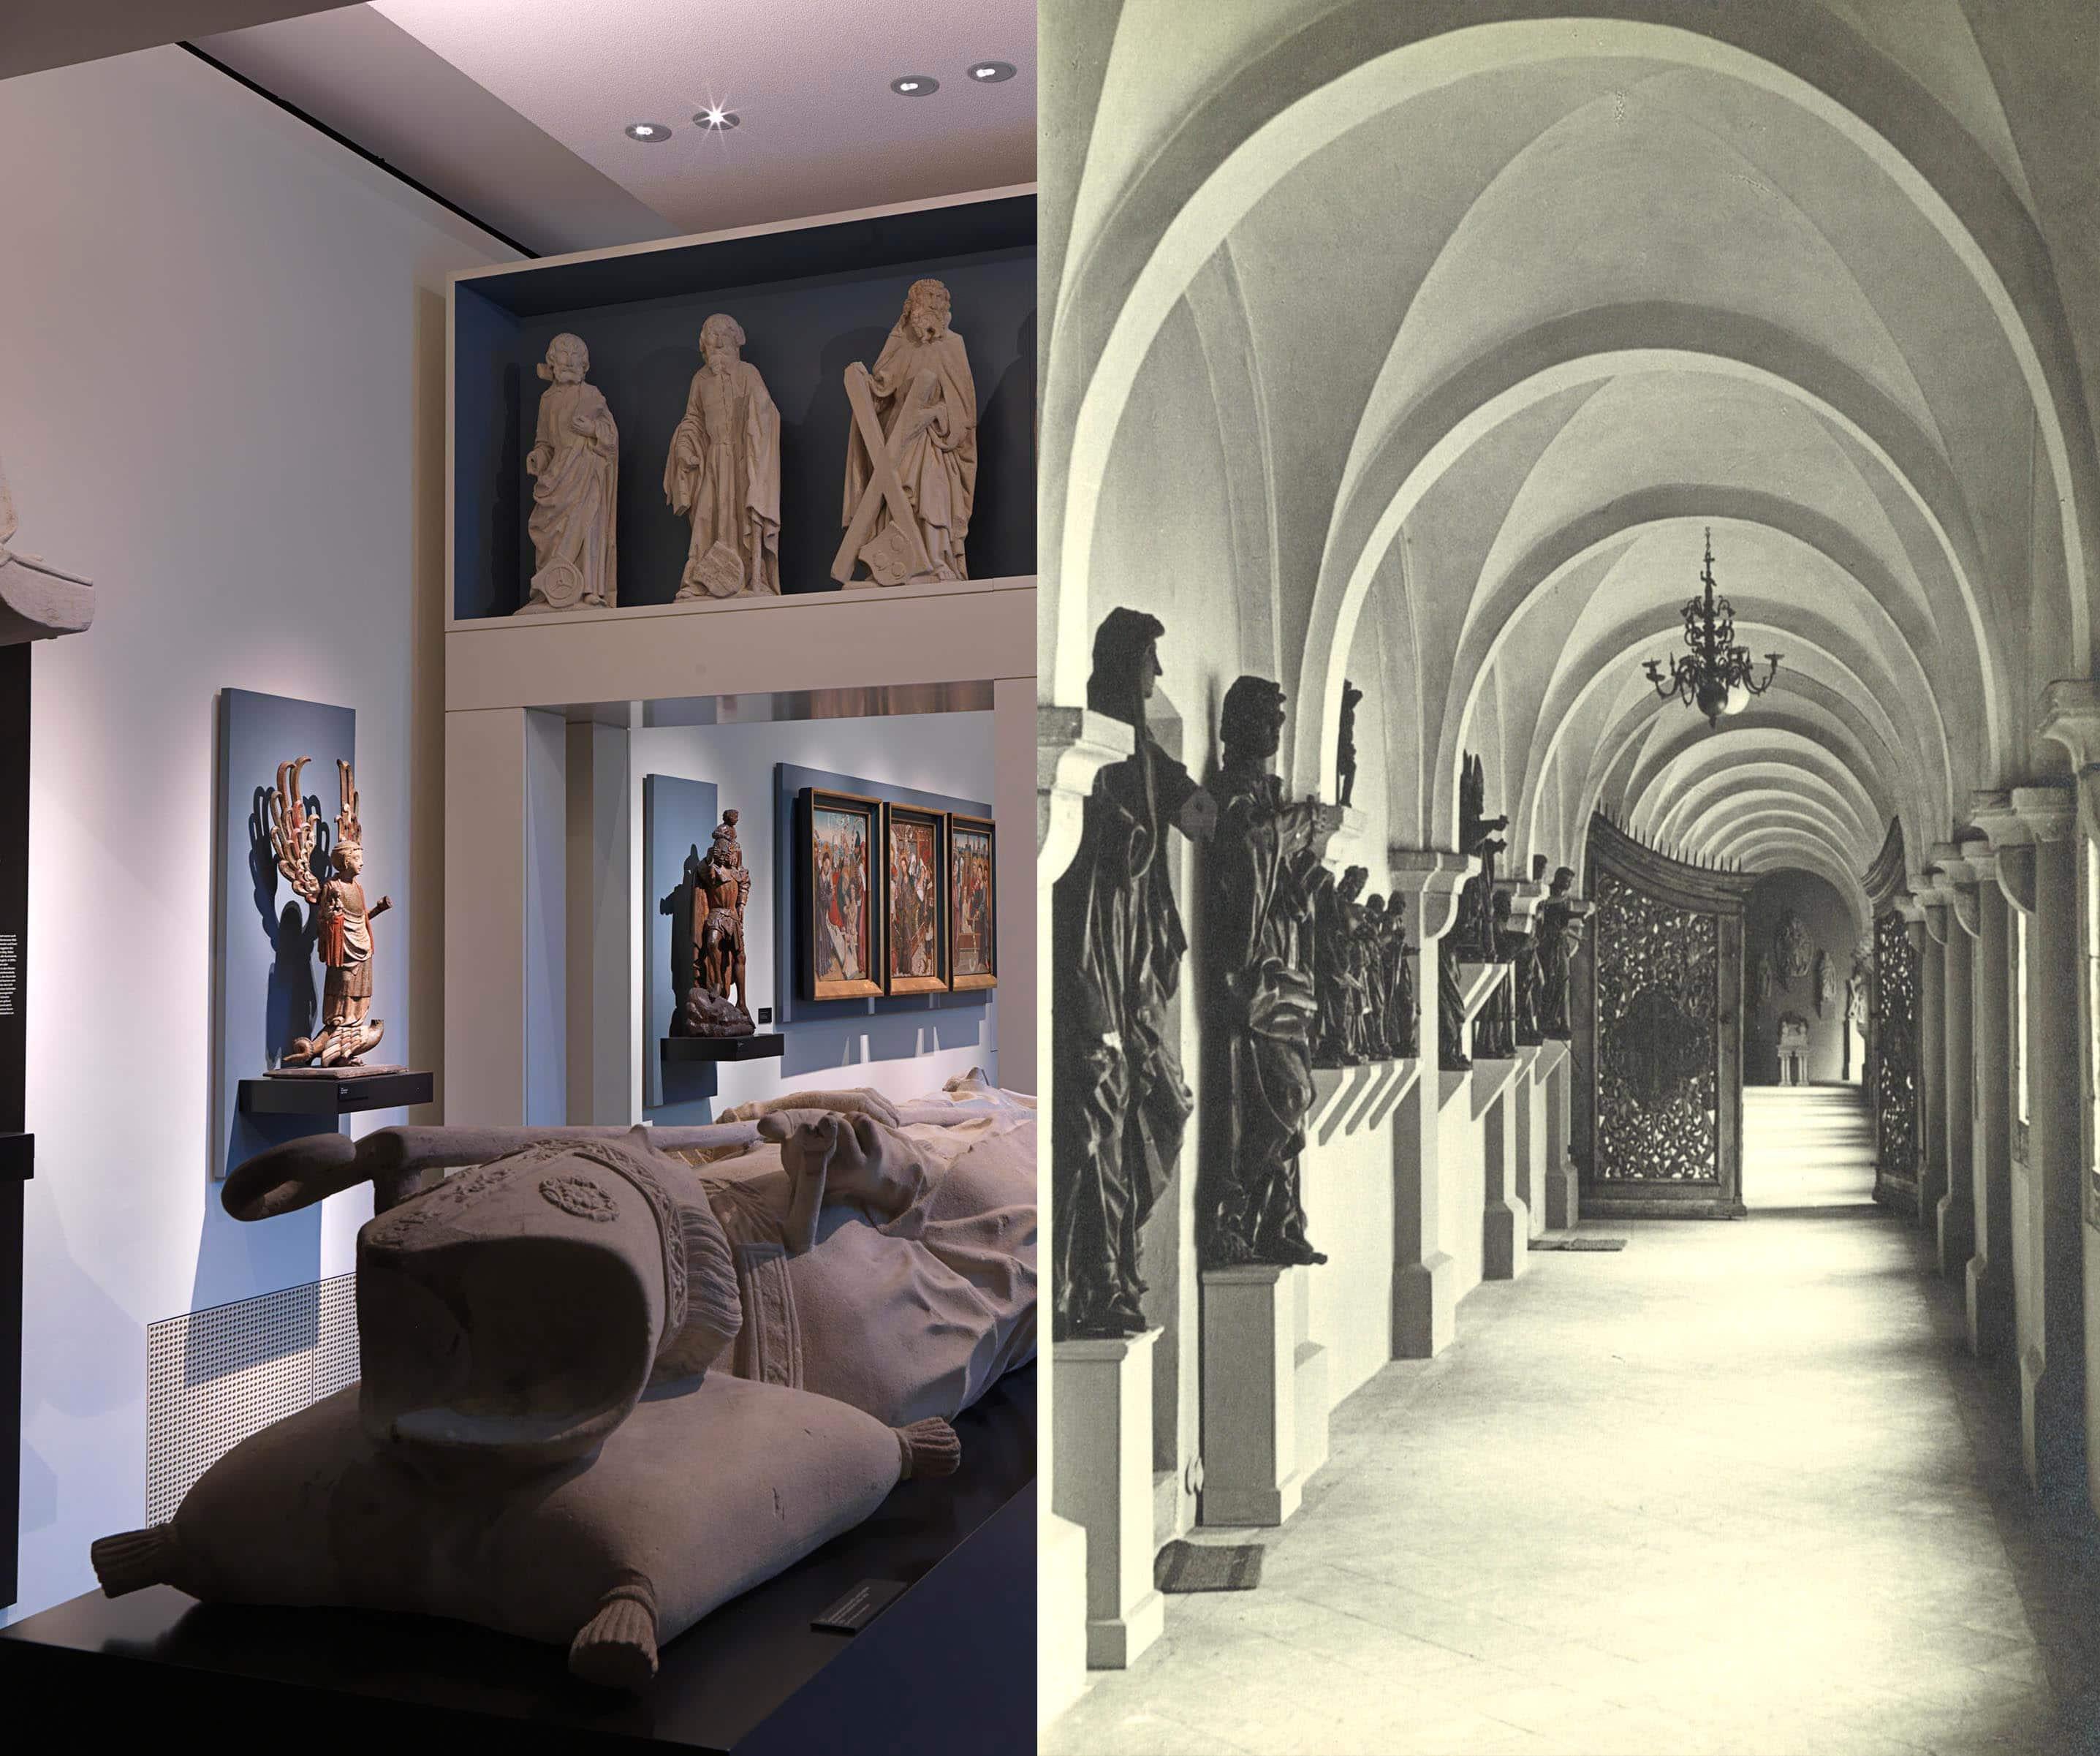 Das Museum heute und vor 100 Jahren